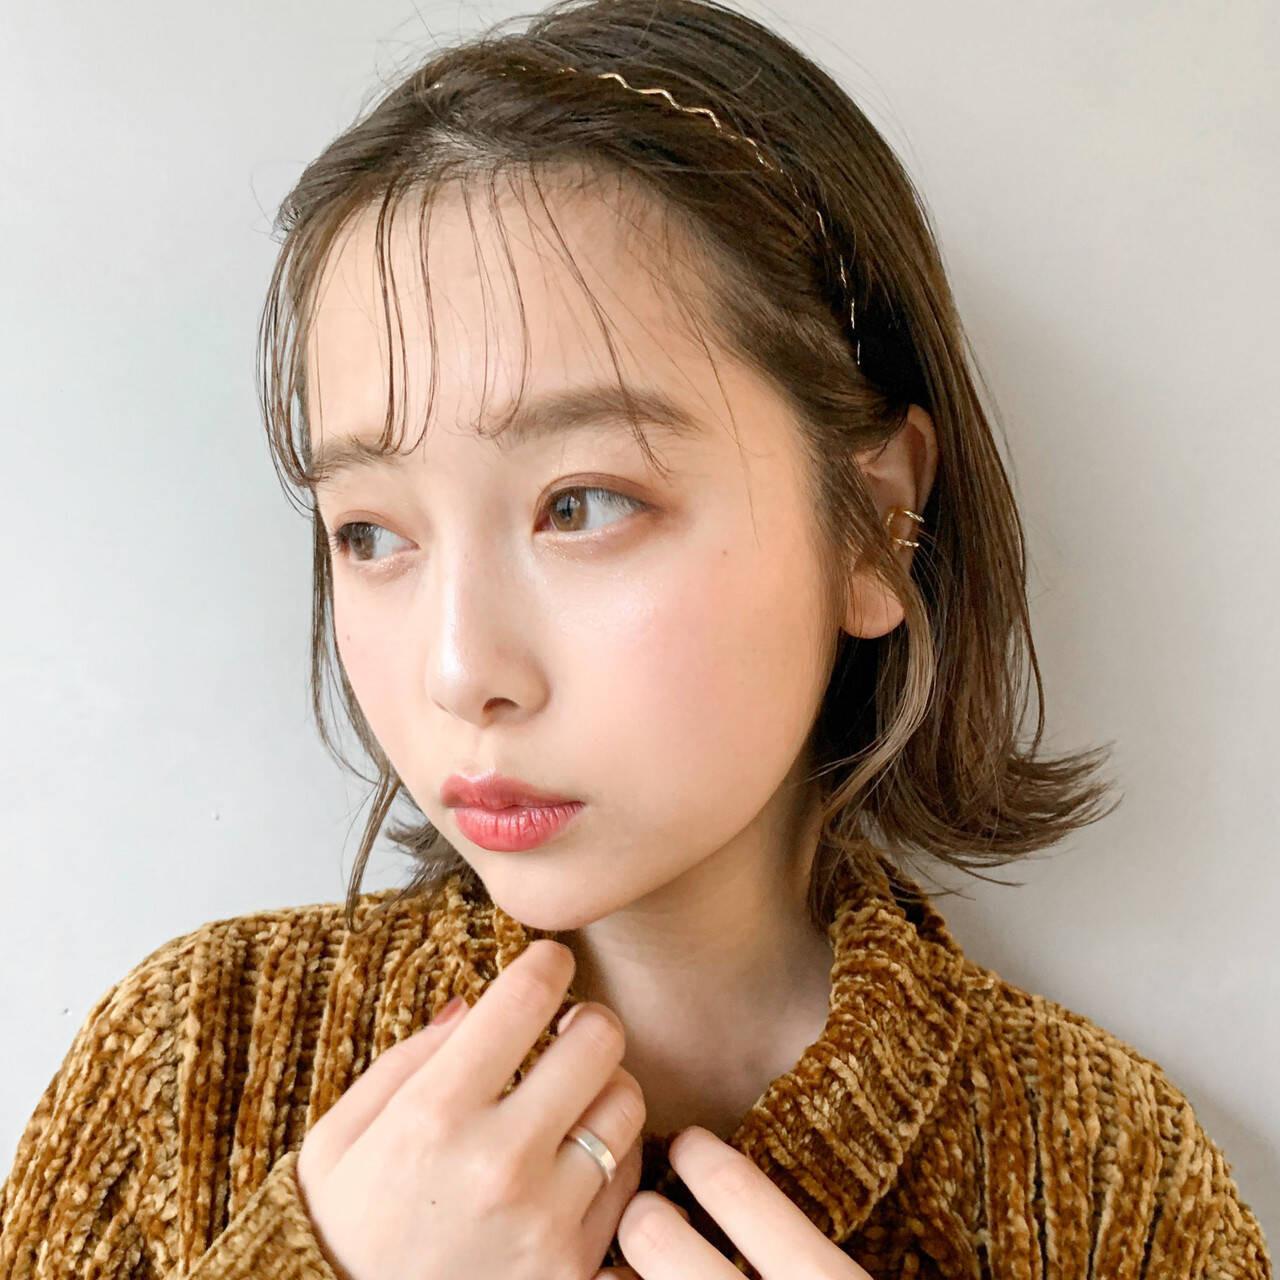 ぱらぱら前髪からおでこがチラ見え Natsuko Kodama 児玉奈都子  dydi